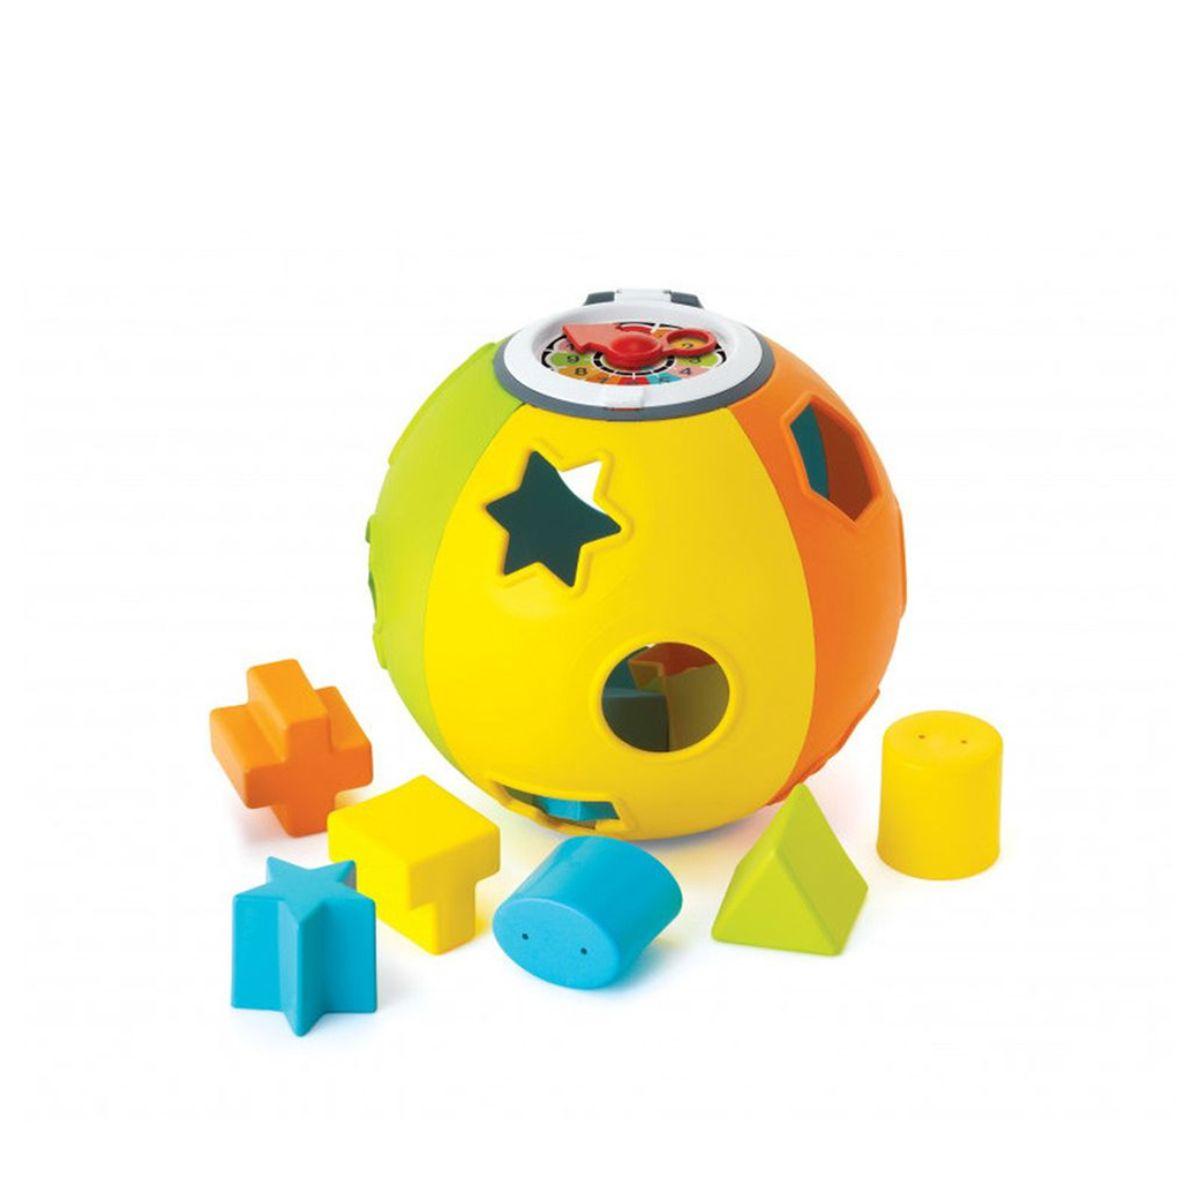 Jucarie Pentru Bebelusi, B Kids, Minge De Sortat Forme Geometrice